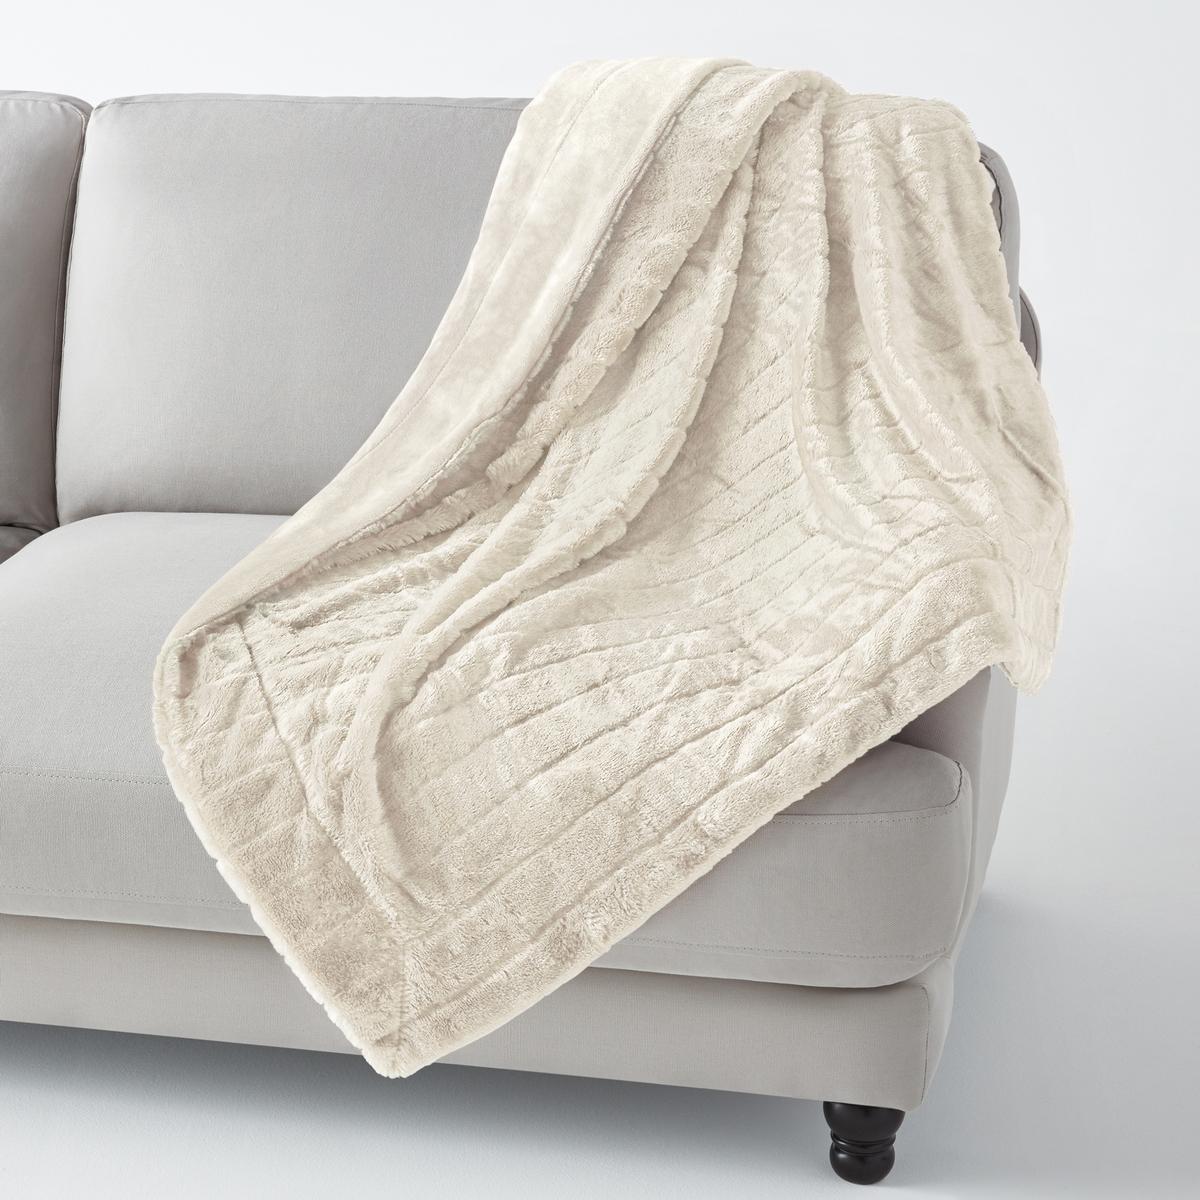 Плед из искусственного меха, VelfurНасладитесь мягкостью и теплом этого пледа из искусственного меха, который украсит диван в гостиной и согреет Вас зимним вечером. Плед из искусственного меха Velfur для комфорта и мягкости контакта . Состав пледа из искусственного меха Velfur  :100% полиэстера . Изнаночная сторона из велюра, 100% полиэстера.Размеры пледа из искусственного меха : 130 х 170 см.<br><br>Цвет: серо-коричневый,слоновая кость<br>Размер: 130 x 170 см